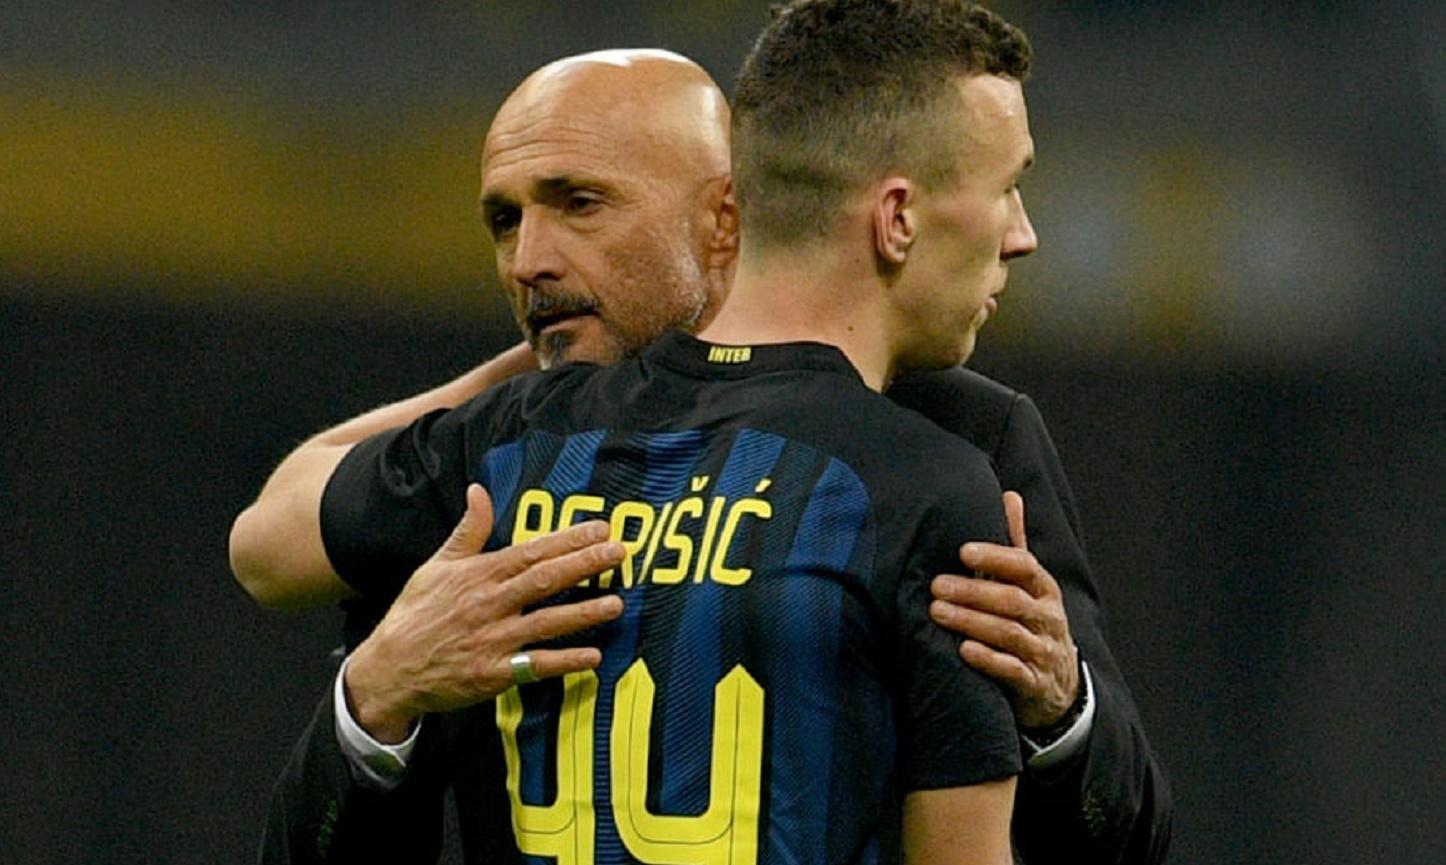 Ecco la richiesta dell'Inter per cedere Perisic: Juventus e Manchester United sono avvisate